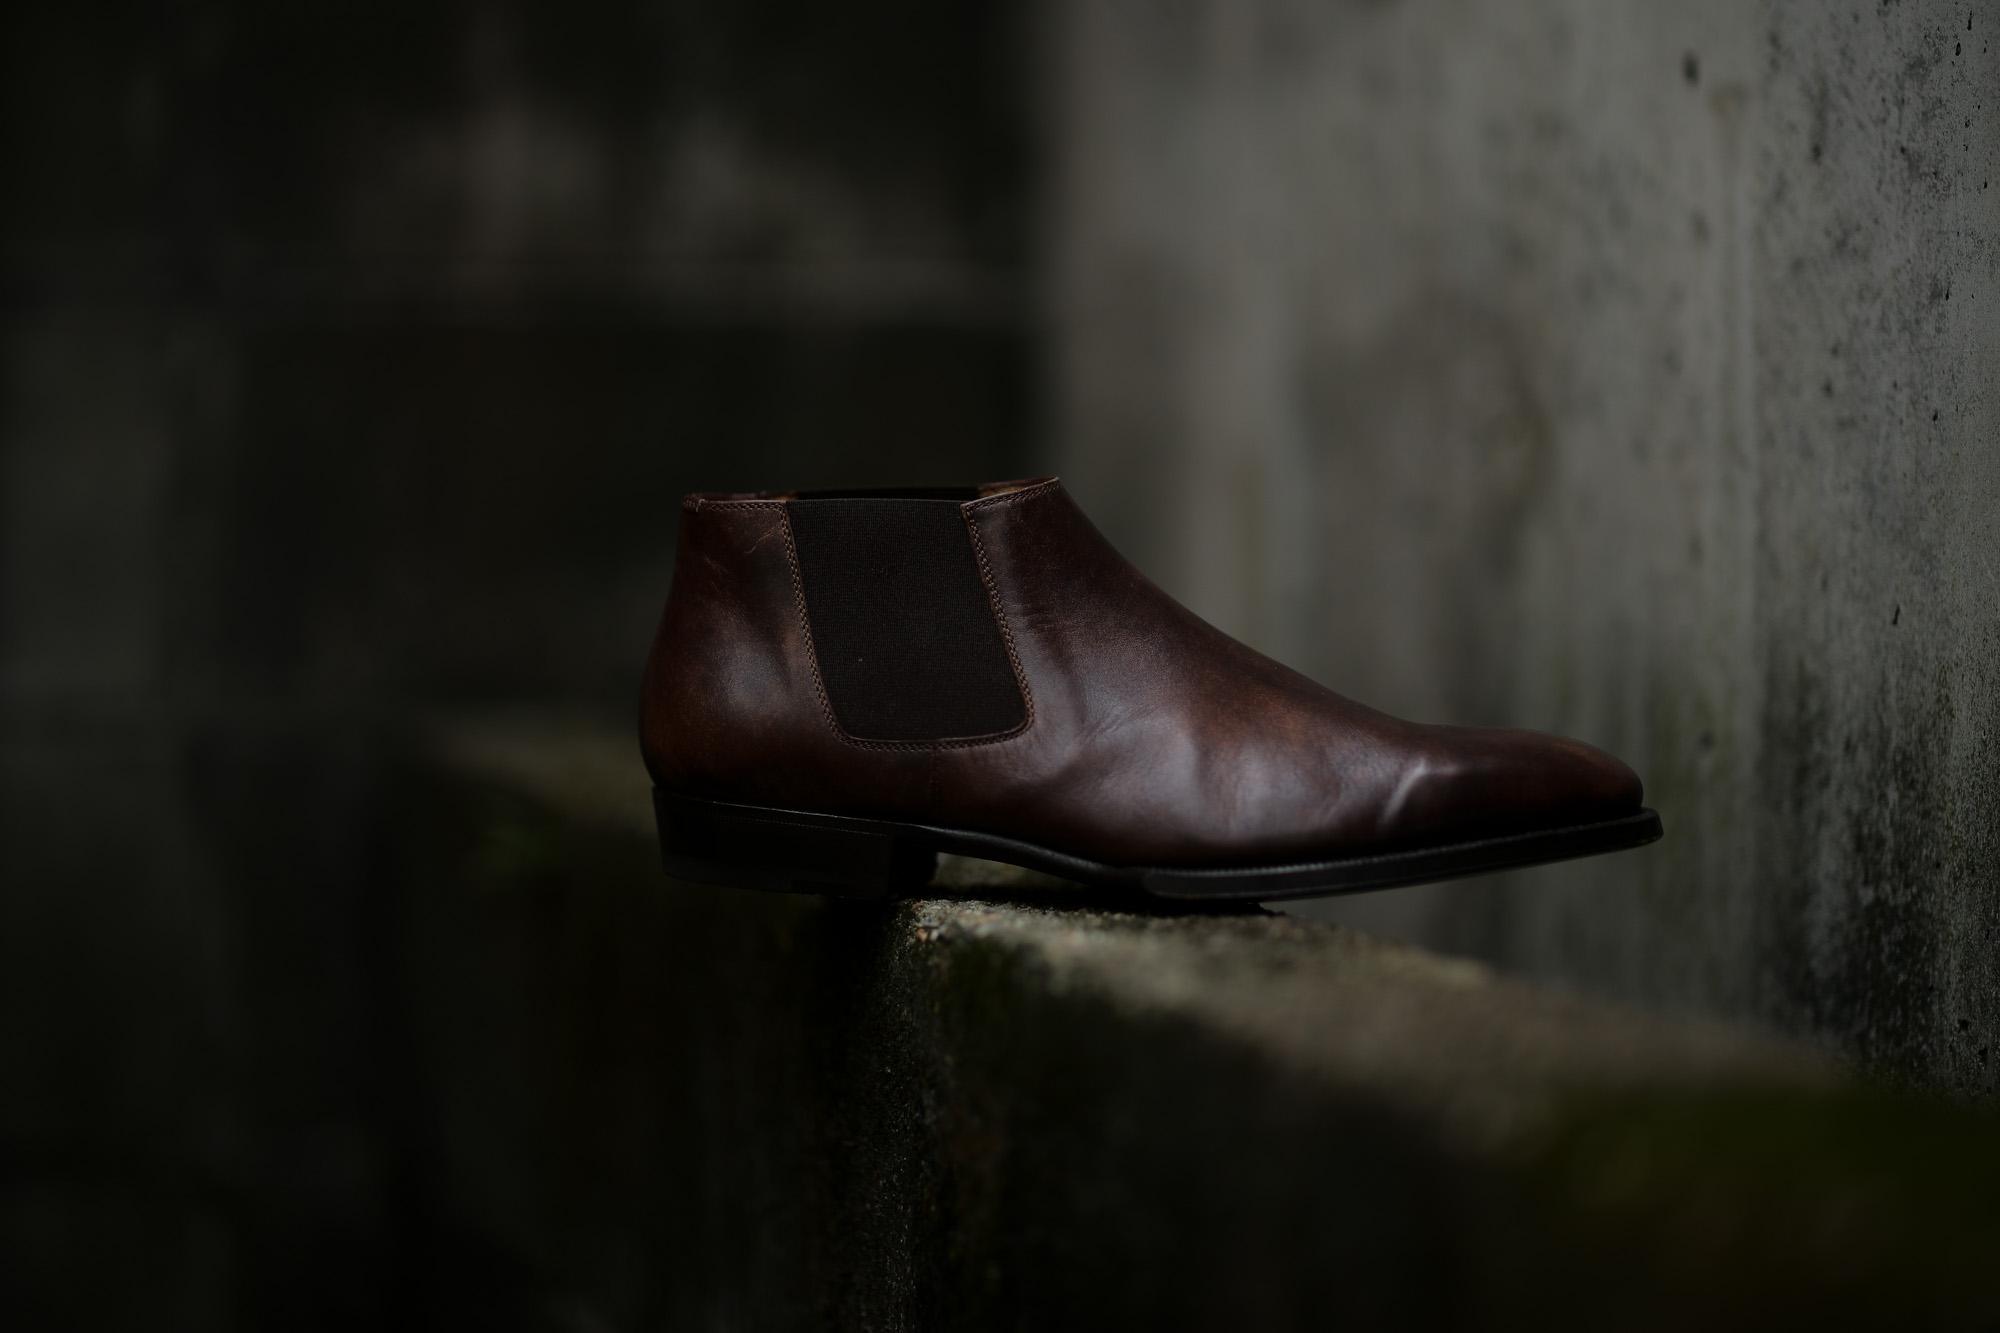 ENZO BONAFE (エンツォボナフェ) CARY GRANT III Side gore Boots サイドゴアブーツ MUSEUM CALF(ミュージアムカーフ) ドレスシューズ ドレスブーツ DARK BROWN(ダークブラウン) made in italy (イタリア製) 2019 秋冬 愛知 名古屋 altoediritto アルトエデリット